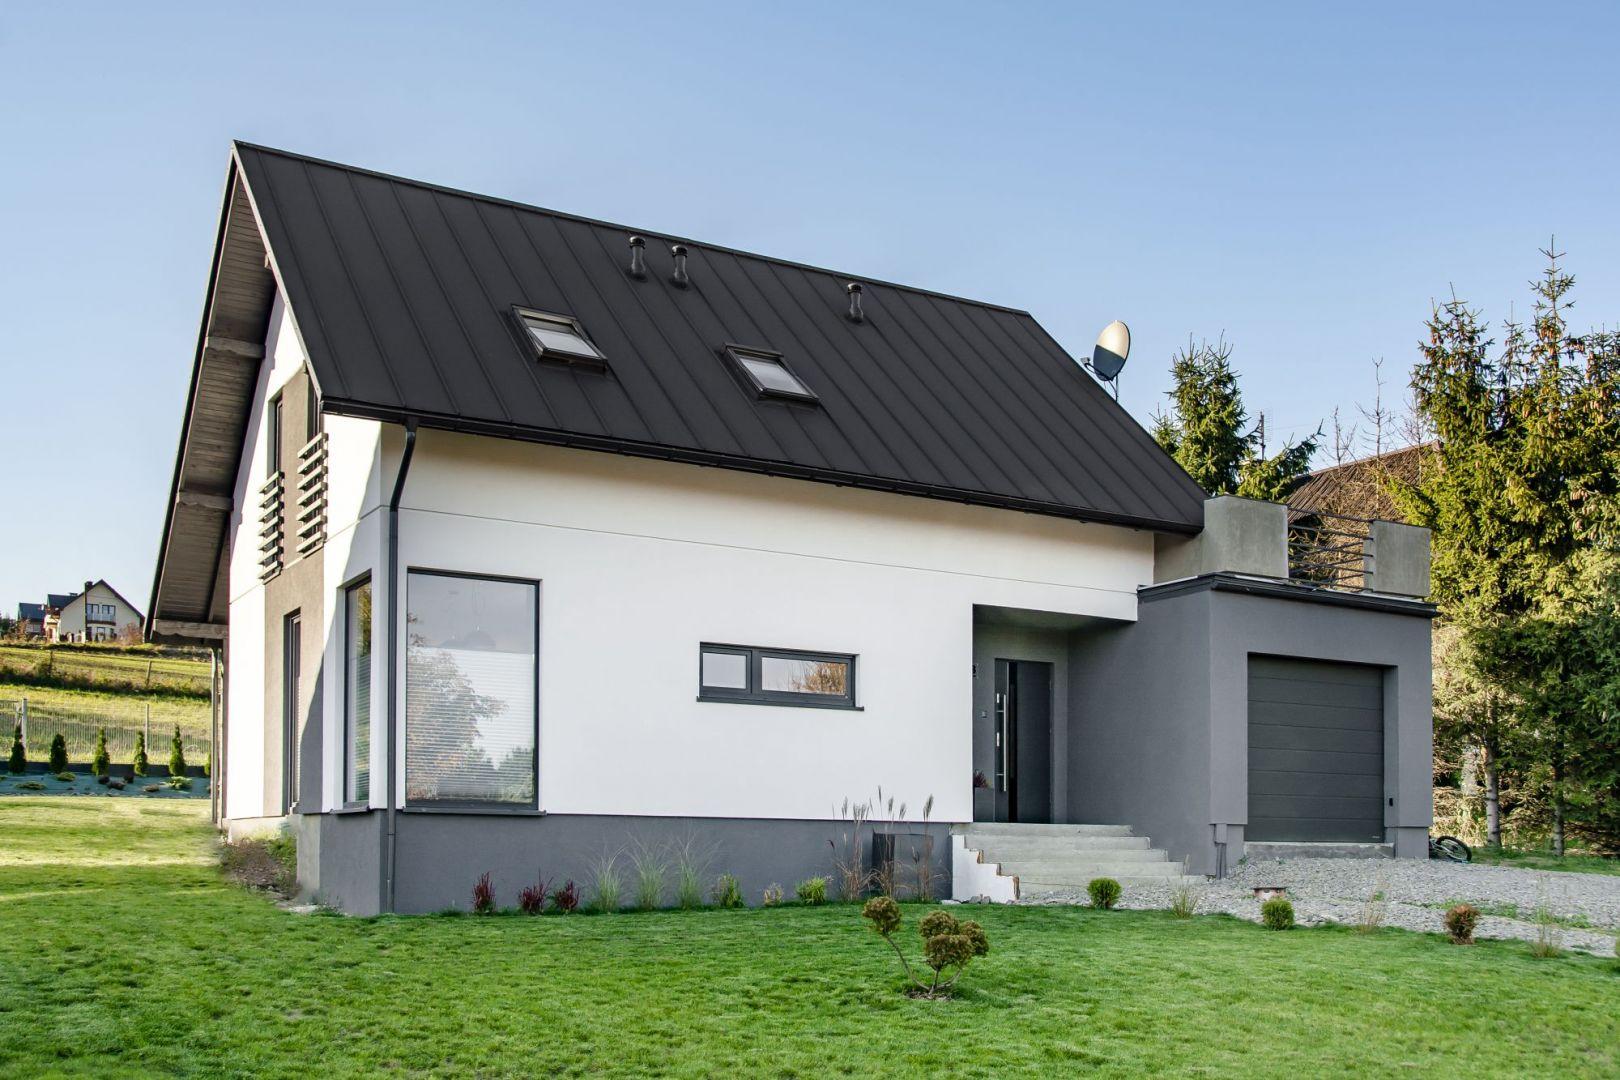 Nowoczesny dach: panele High-Tech z blachy na rąbek stojący. Fot. Blachotrapez